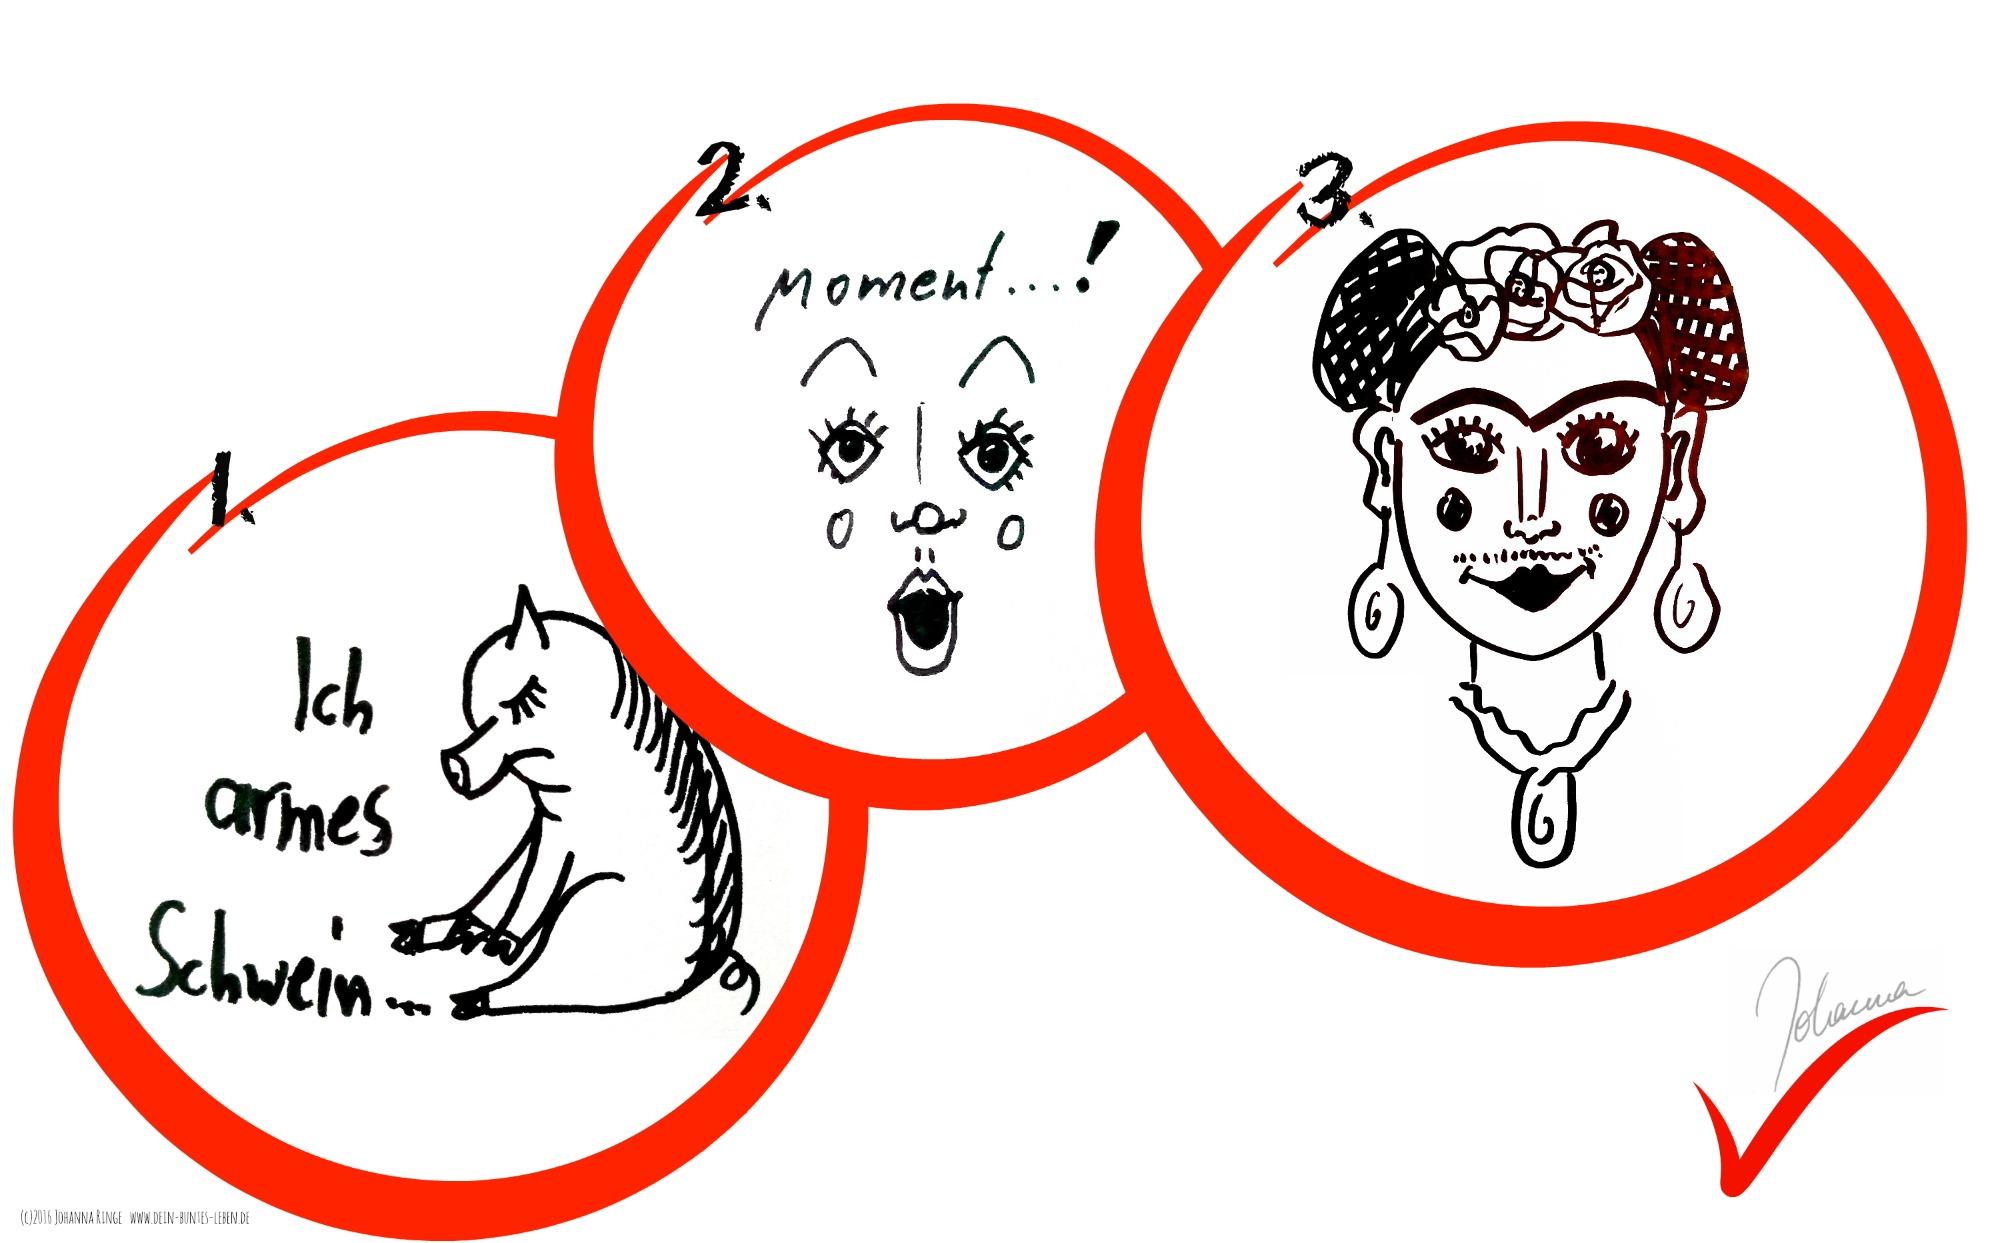 Zyklen - Wo stehst Du gerade zwischen armem Schwein und starker Frida? (c)2016 Johanna Ringe www.dein-buntes-leben-de